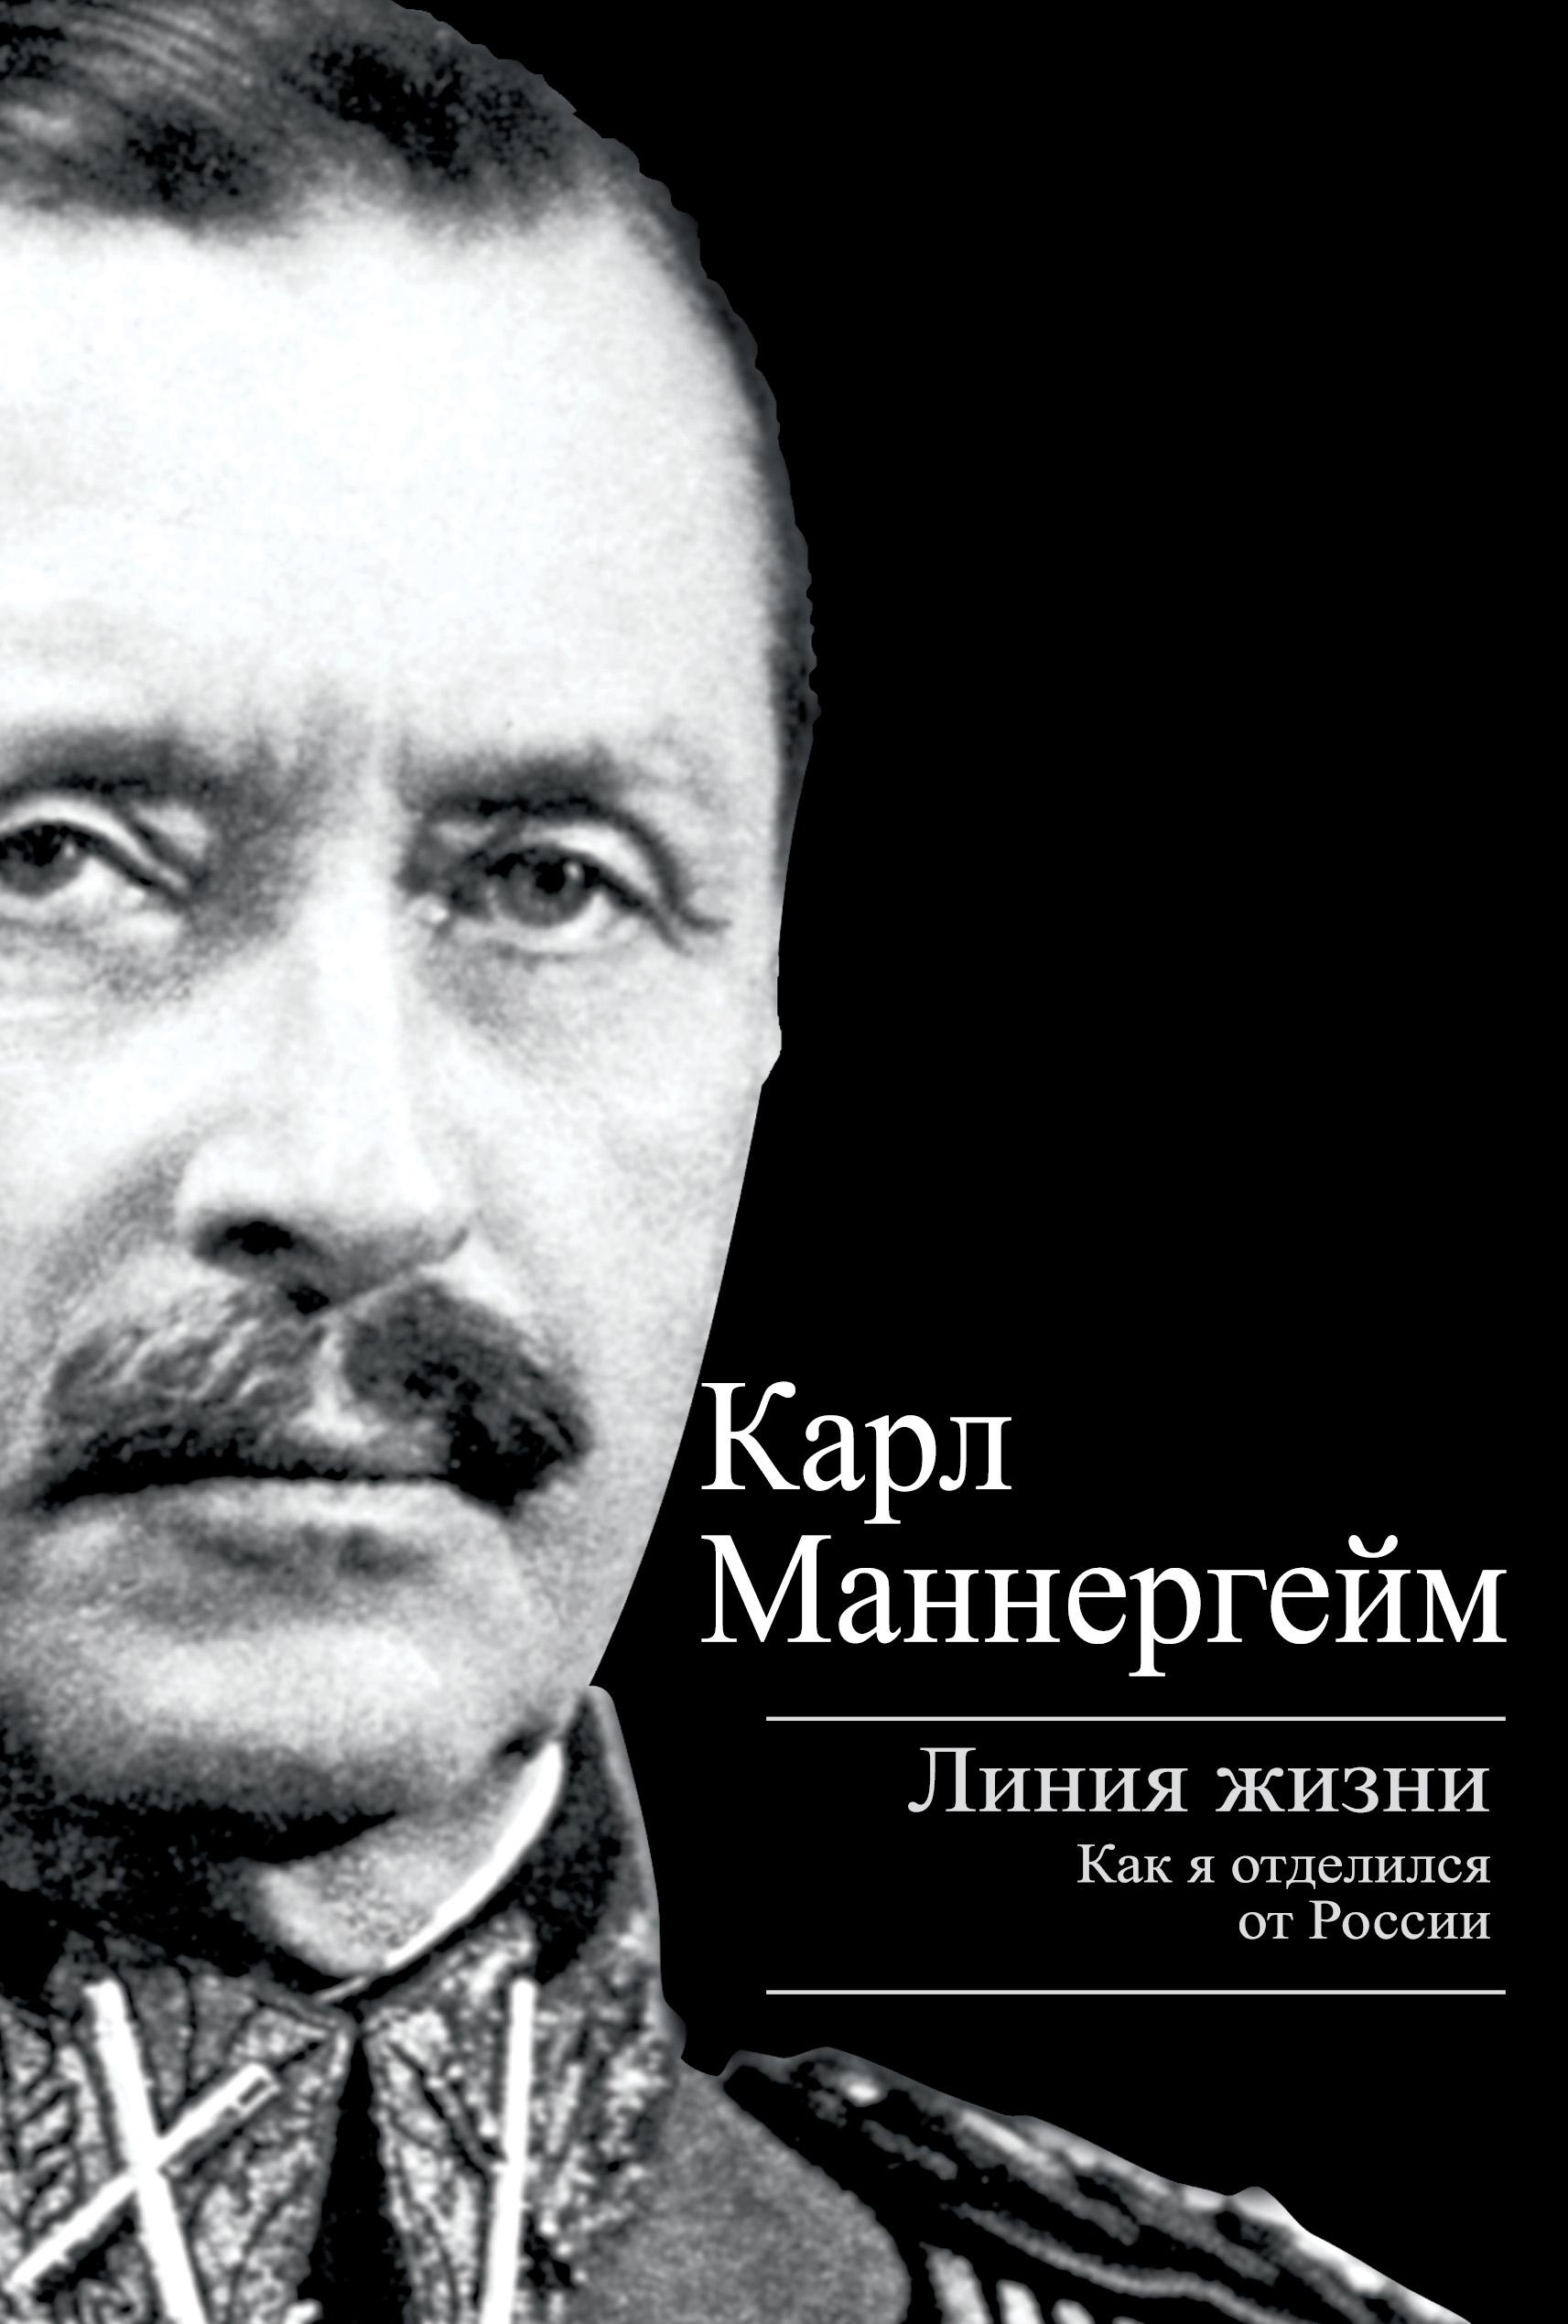 Карл Густав Маннергейм Линия жизни. Как я отделился от России в н барышников вступление финляндии во вторую мировую войну 1940 1941 гг